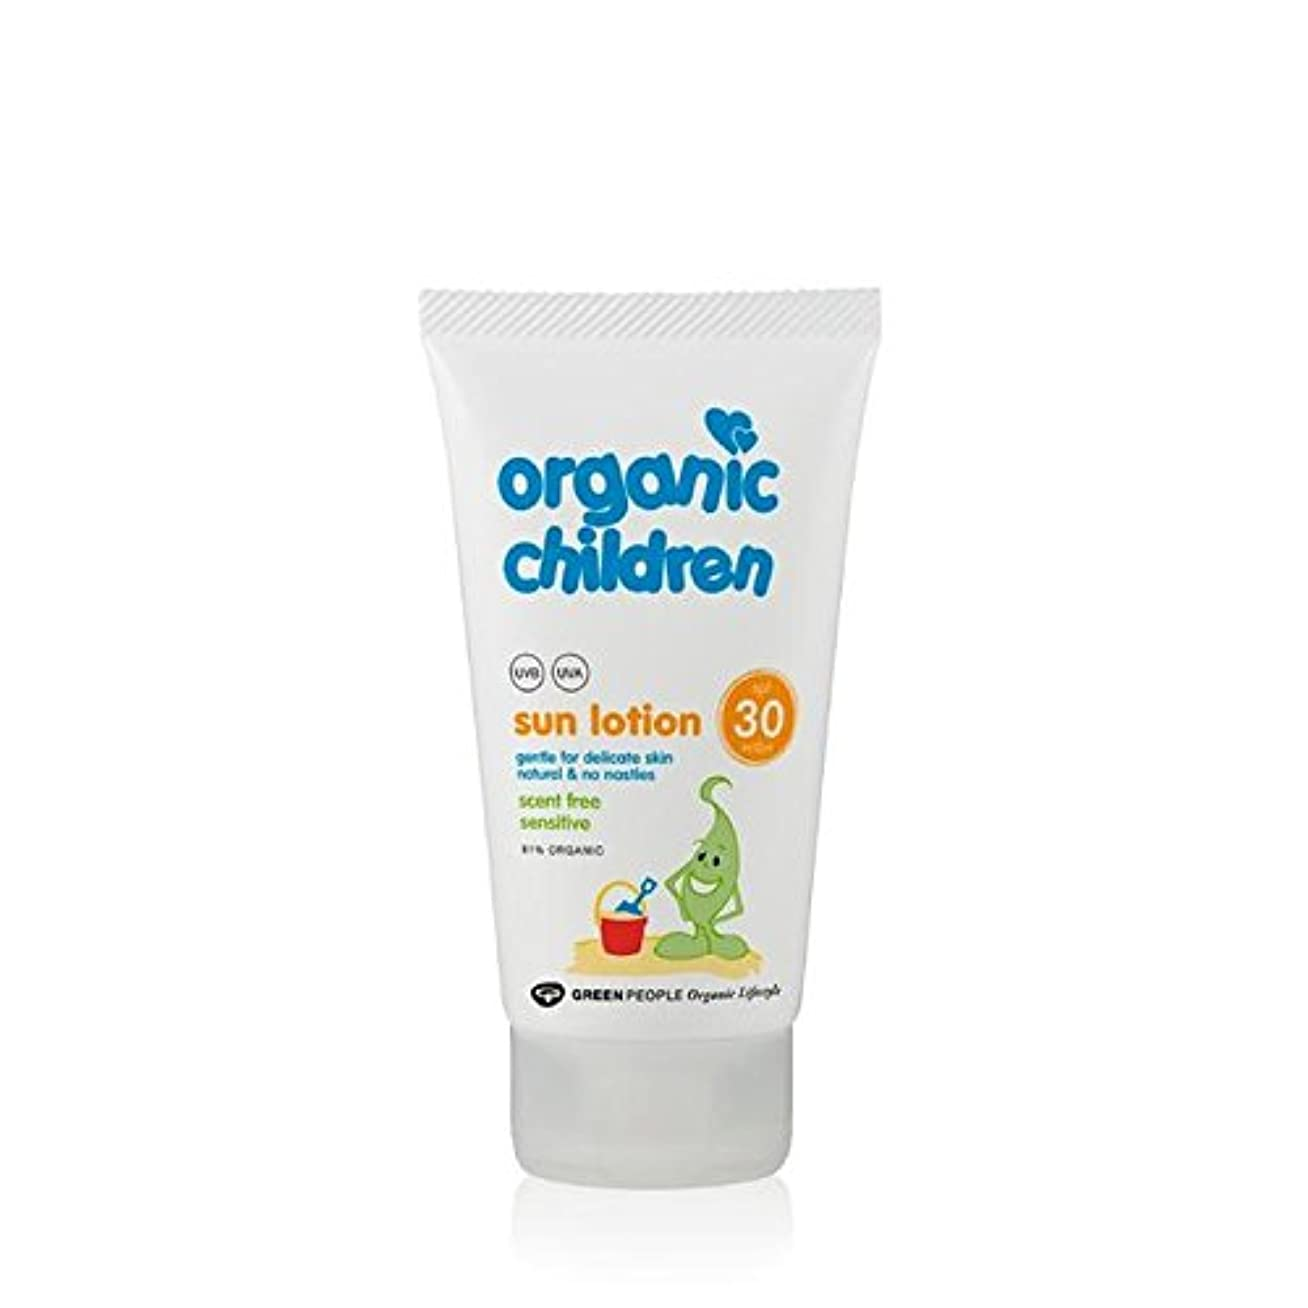 有機子ども30の香り無料のサンローション150 x2 - Organic Children SPF30 Scent Free Sun Lotion 150ml (Pack of 2) [並行輸入品]